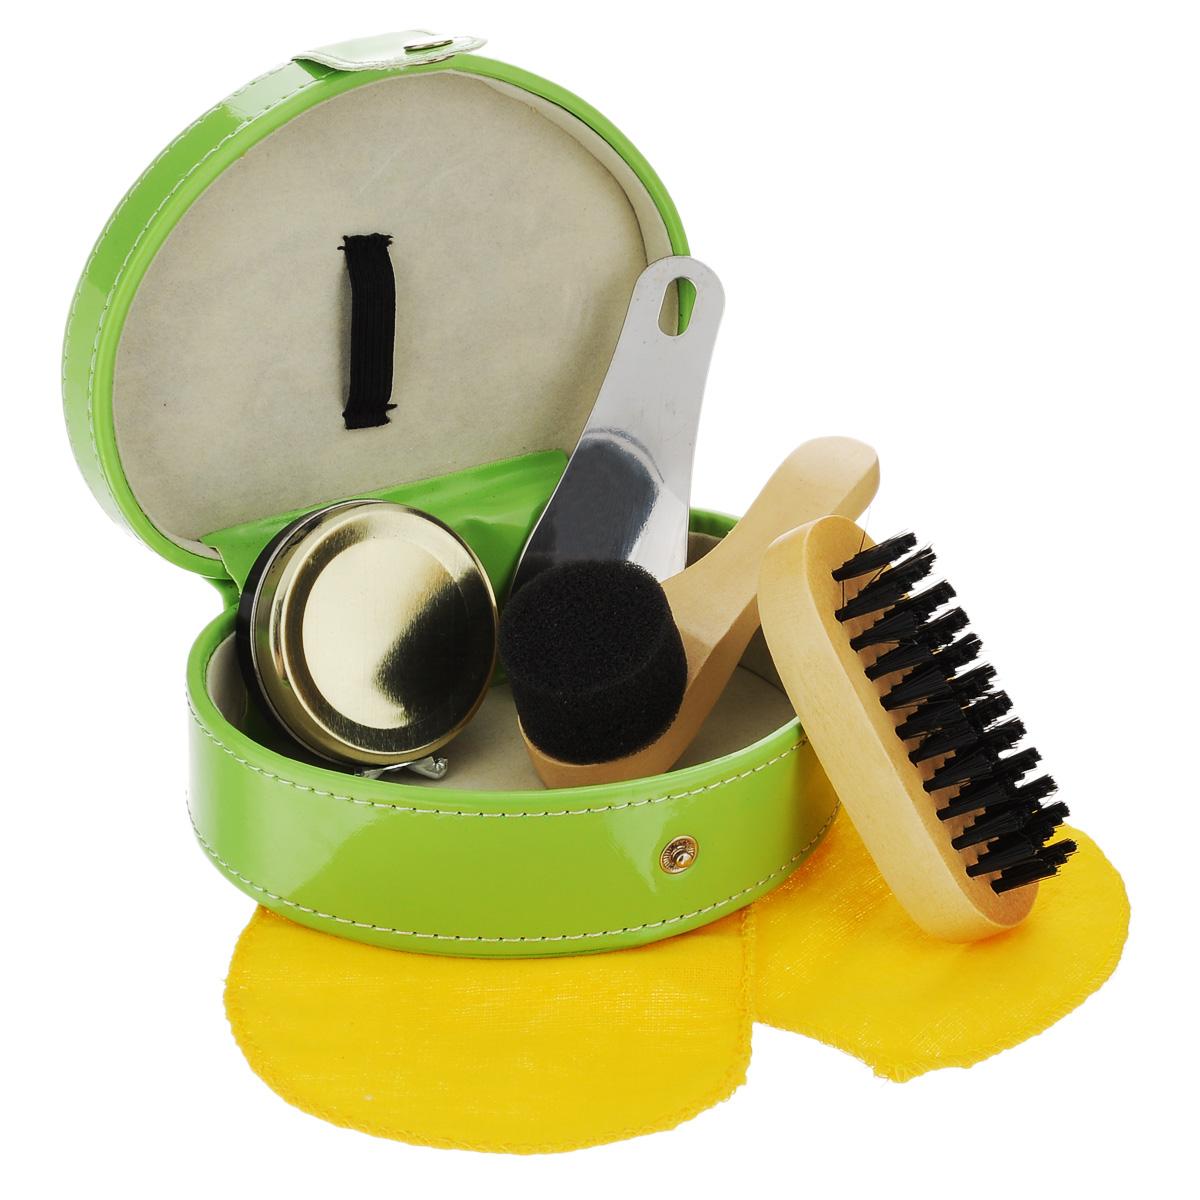 Набор дорожный для ухода за обувью Феникс-презент, в футляре, цвет: зеленый, 6 предметов. 2512425124Дорожный набор для ухода за обувью Феникс-презент предназначен для защиты вашей обуви от уличной грязи. Набор хранится в элегантном футляре, который изготовлен из полиуретана. В набор входит 6 предметов: крем для обуви (черный), губка, щетка для обуви, кусочек ткани для полировки, стальная ложка для обуви и футляр. Такой набор будет незаменим в дороге, путешествии или дома. Размер футляра: 14 см х 10,5 см х 6 см. Размер щетки: 9 см х 4 см х 3 см. Размер губки: 10 см х 4 см х 4 см. Размер ткани: 24 см х 11 см. Размер ложки: 10 см х 4 см. Материал: текстиль, полиуретан, поролон, металл.